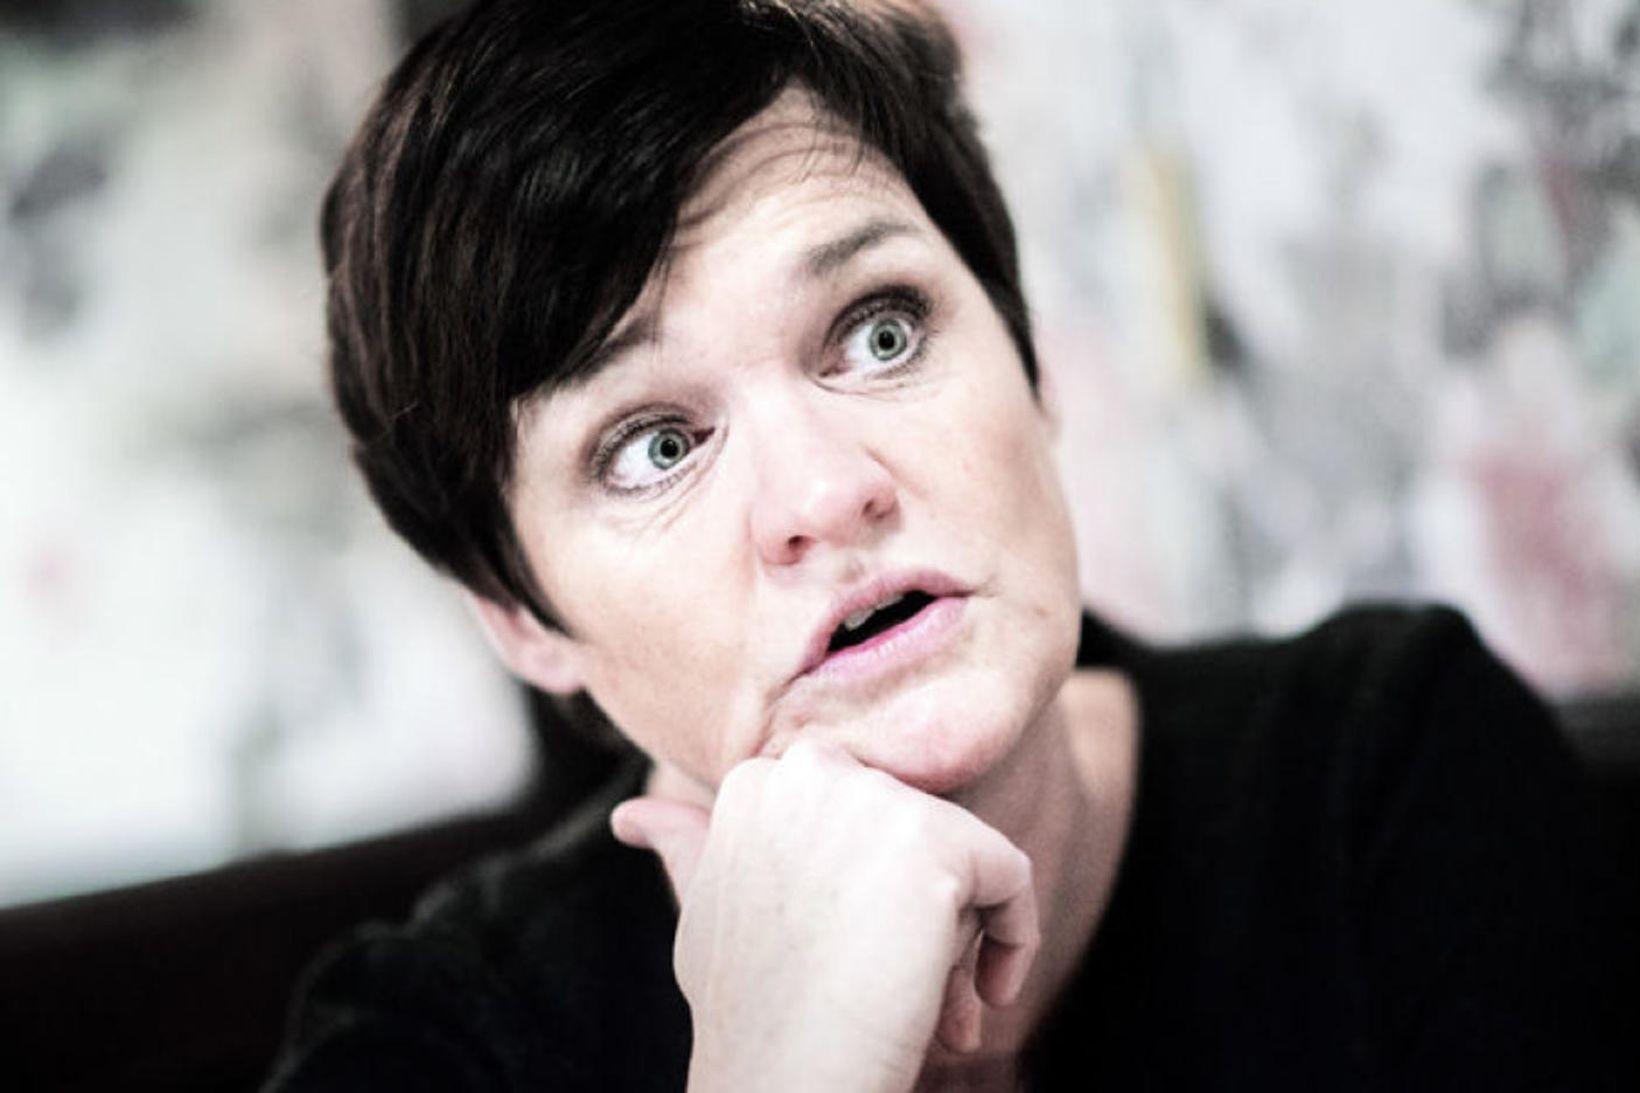 Mette Yvonne Larsen, réttargæslumaður brotaþola í Mehamn-málinu, telur dóm í …